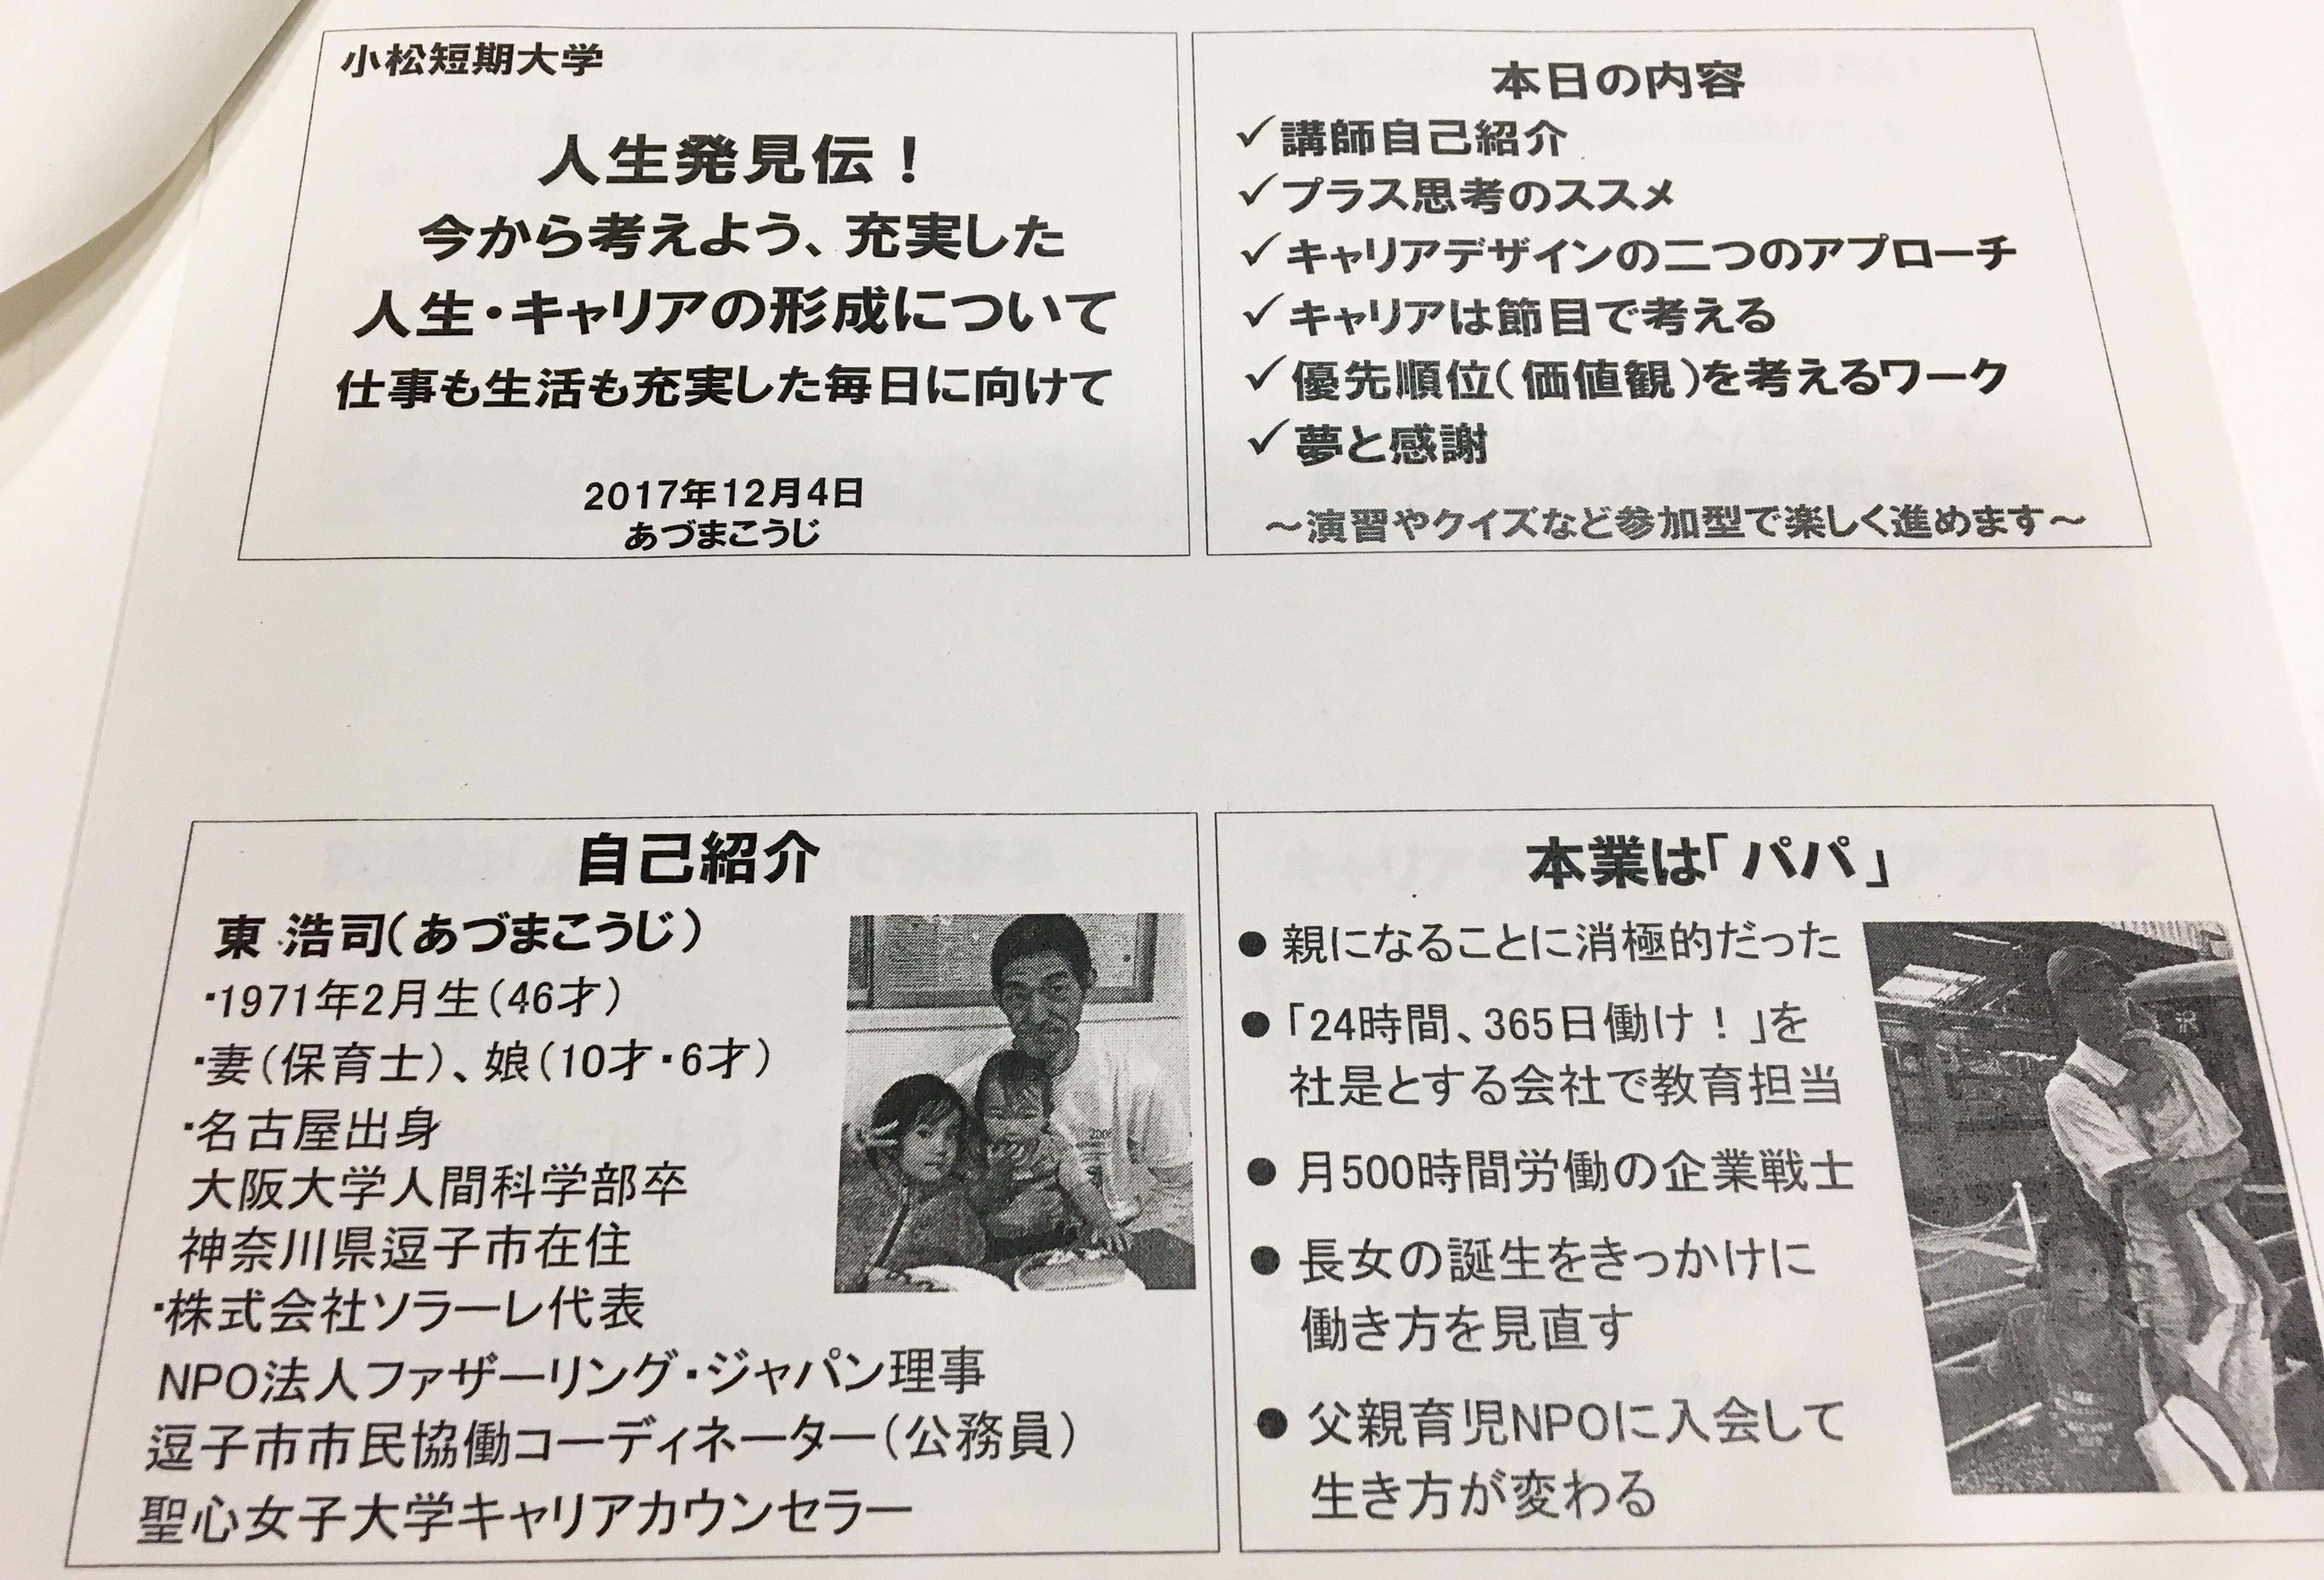 小松短期大学で授業&行き帰りで教育行政の読書